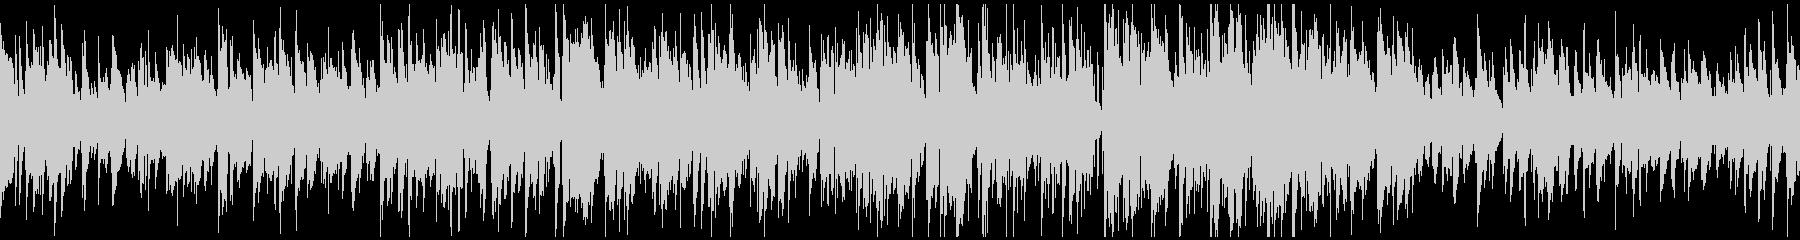 ほんわかサックスのジャズ ※ループ仕様版の未再生の波形